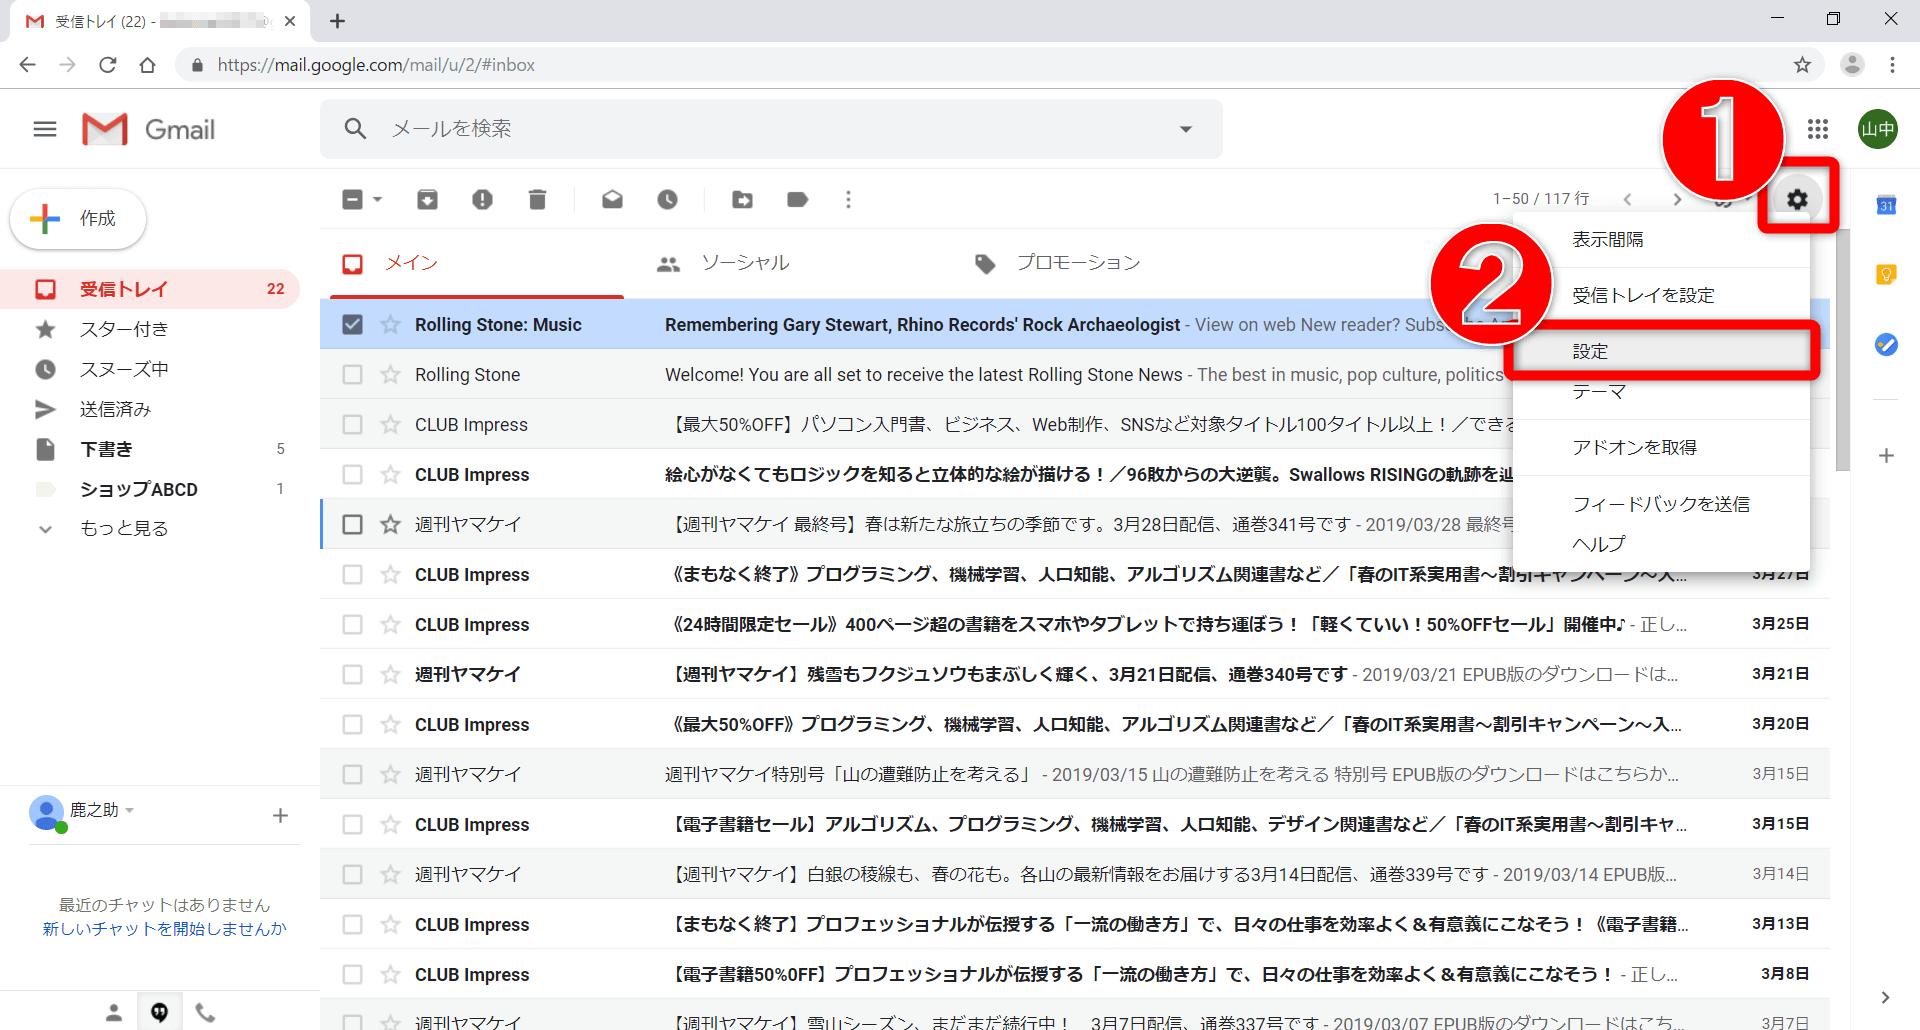 Gmail(ジーメール)の設定メニューの画面